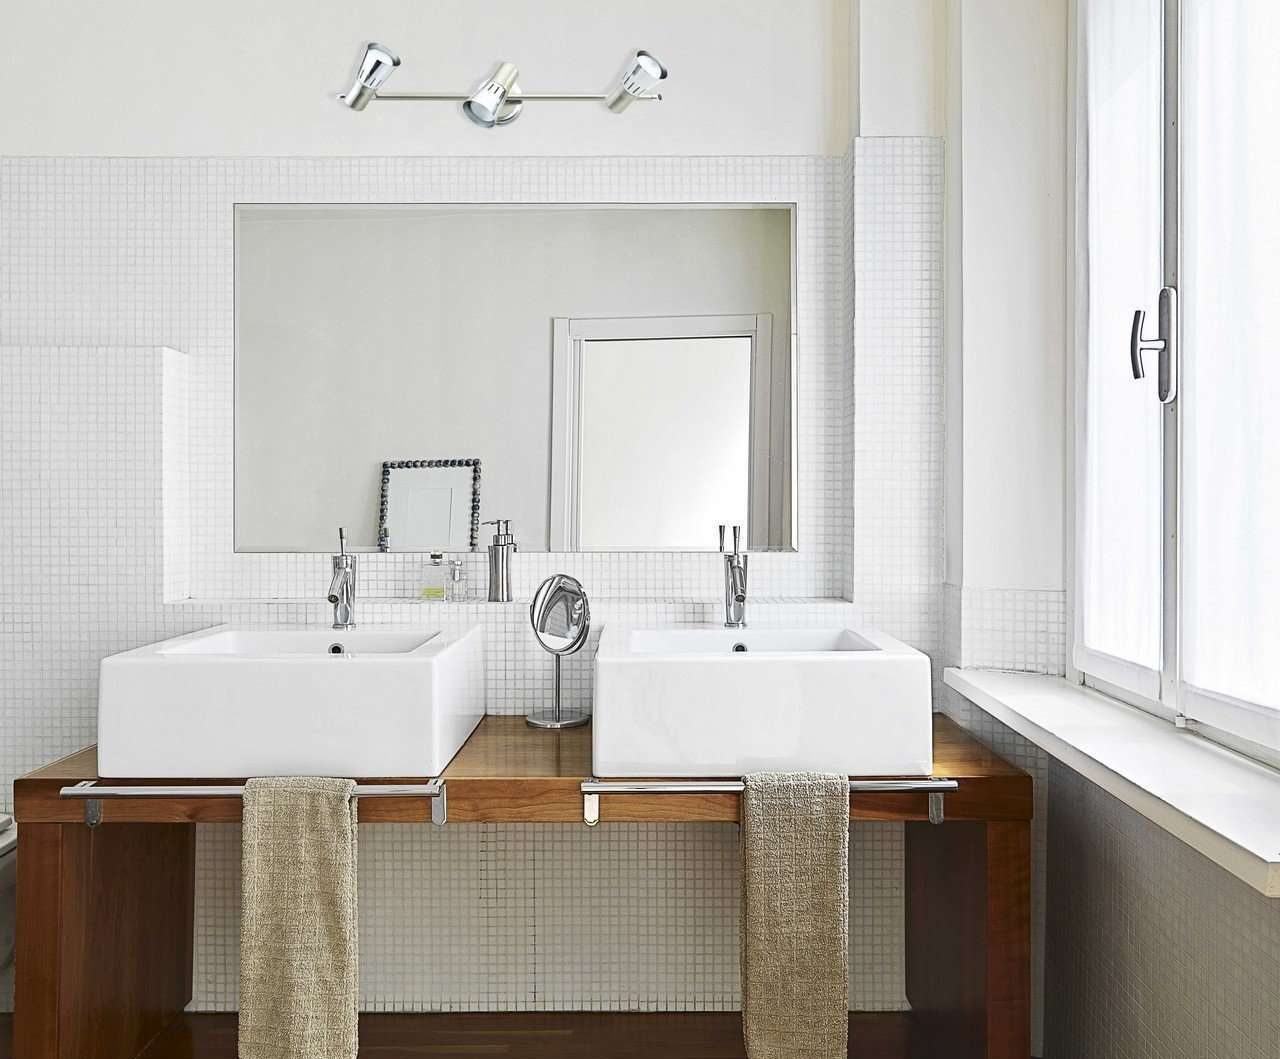 lustres et appliques pour votre salle de bains douche italienne. Black Bedroom Furniture Sets. Home Design Ideas